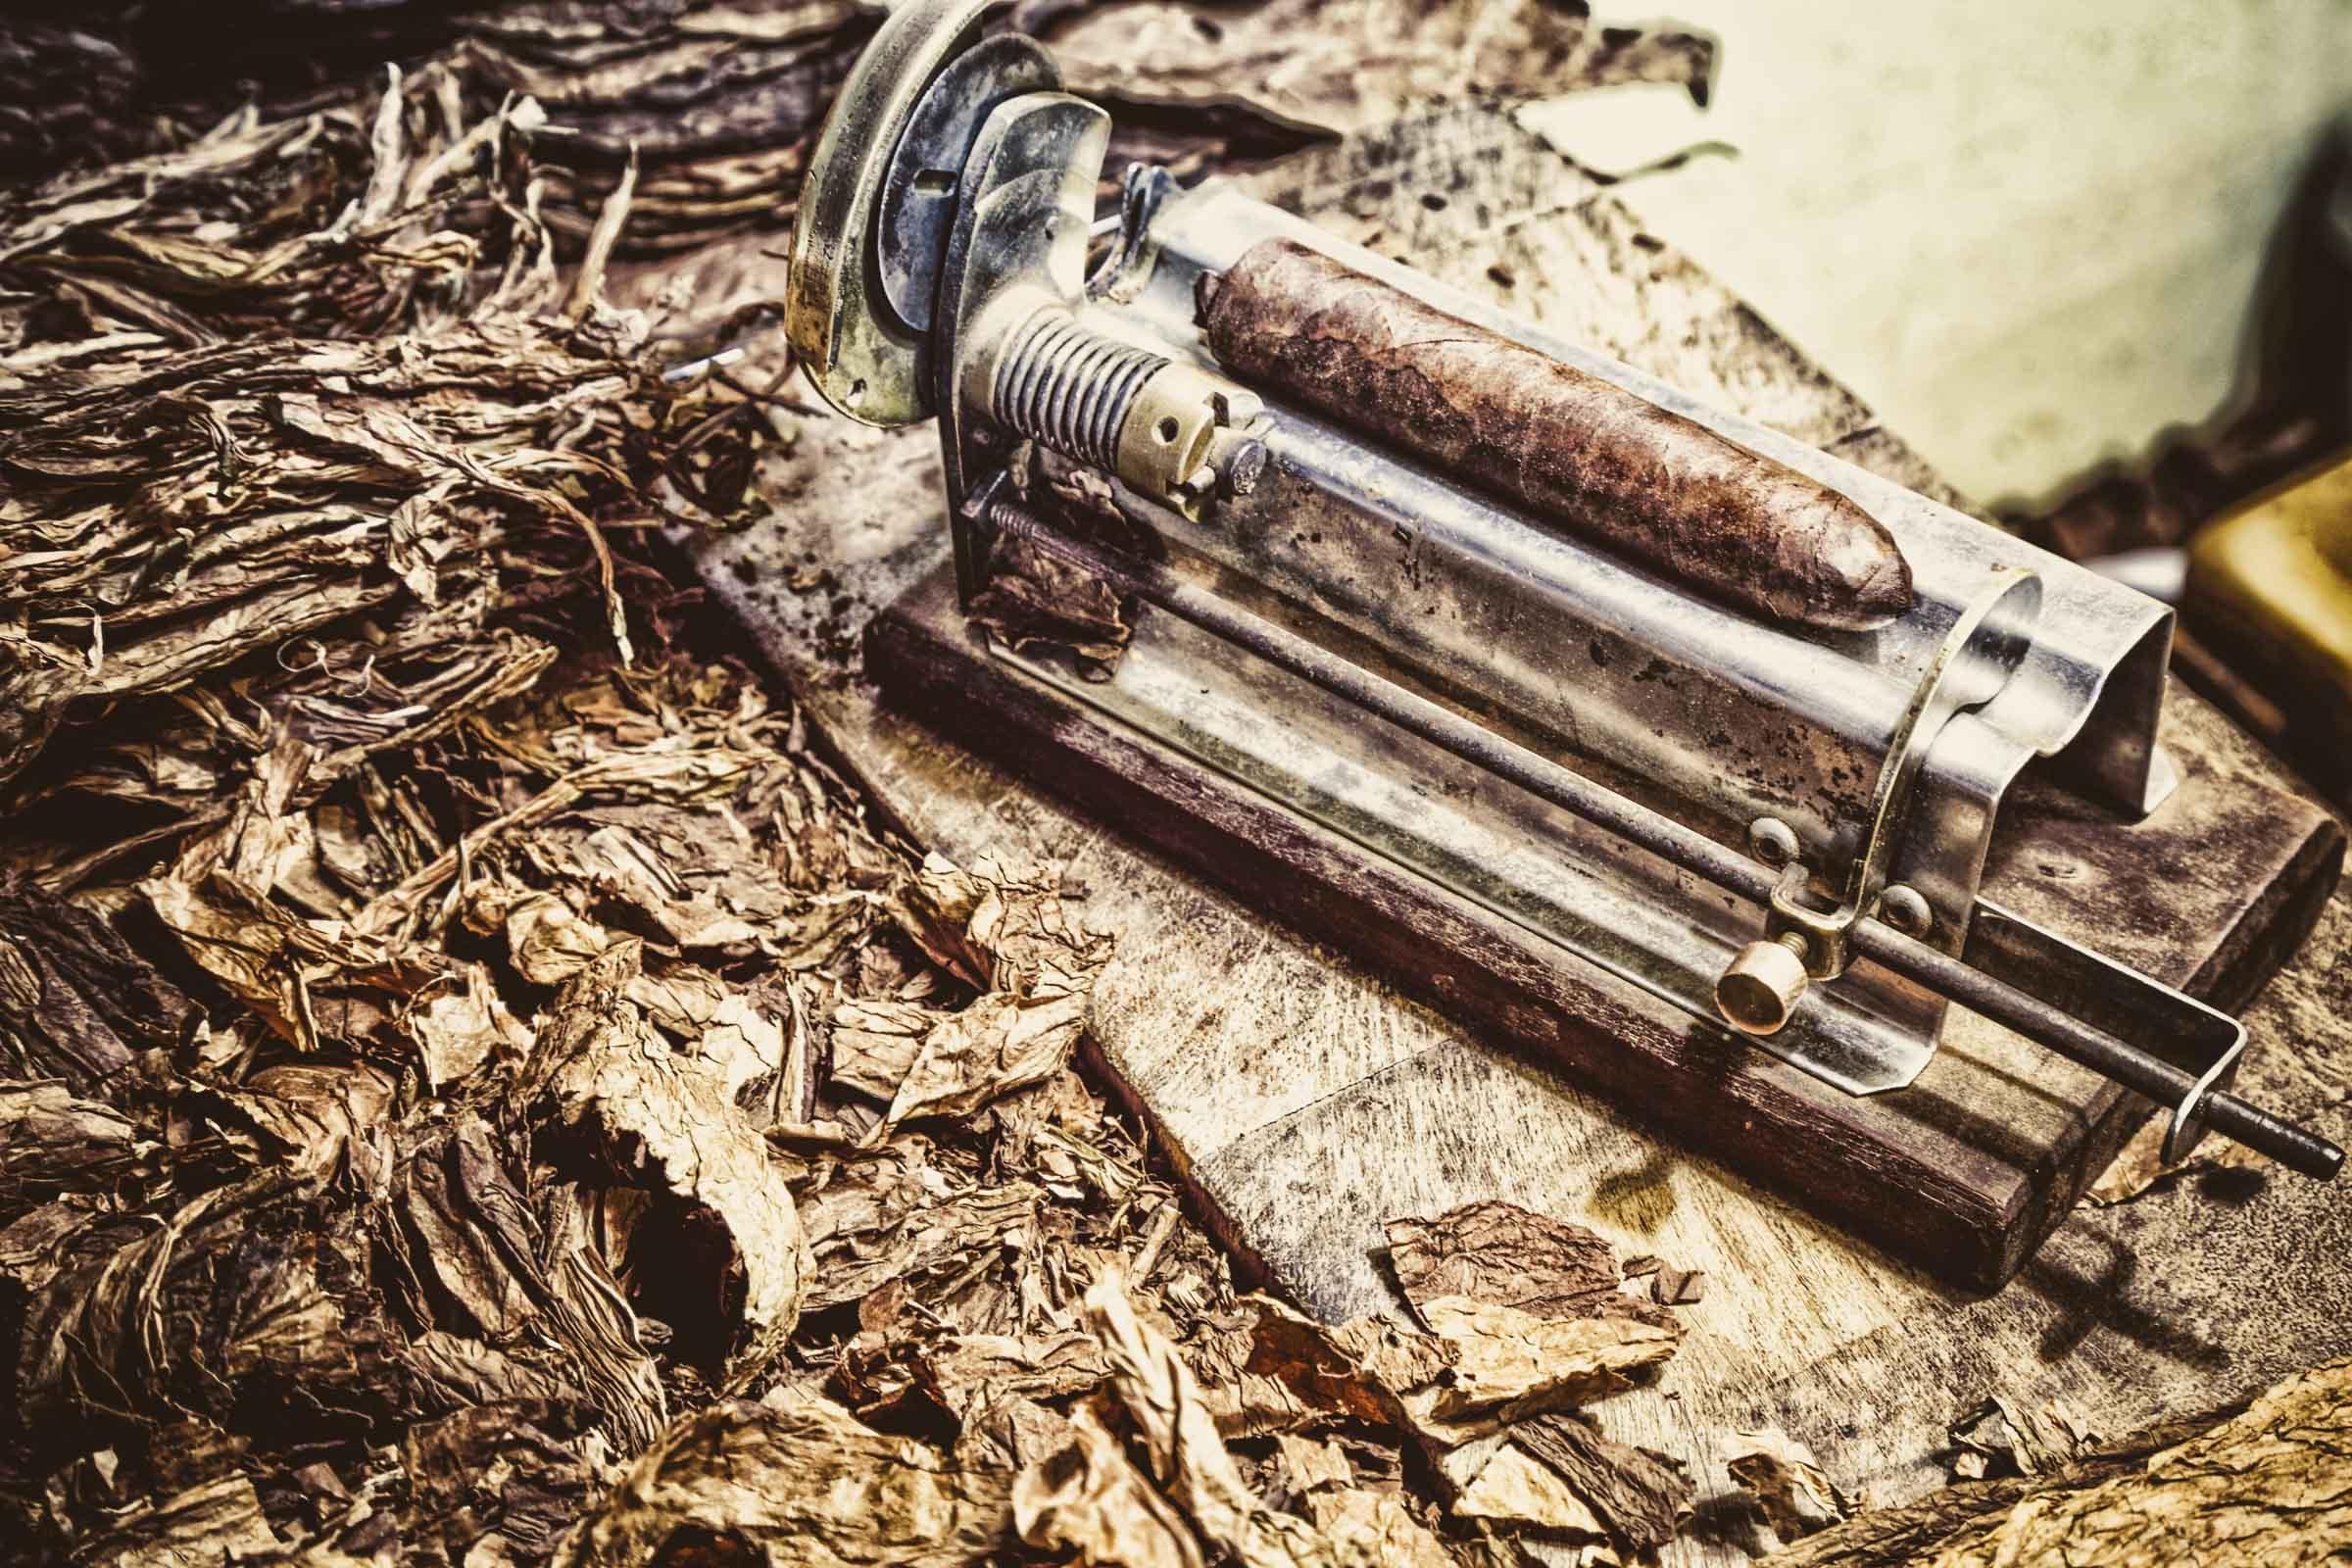 Zigarrenroller - Zigarrenschneider |Tabacco Cutter | Tabakblätter | Zigarrenblätter | Zigarrendreher | Messe | Event | Business